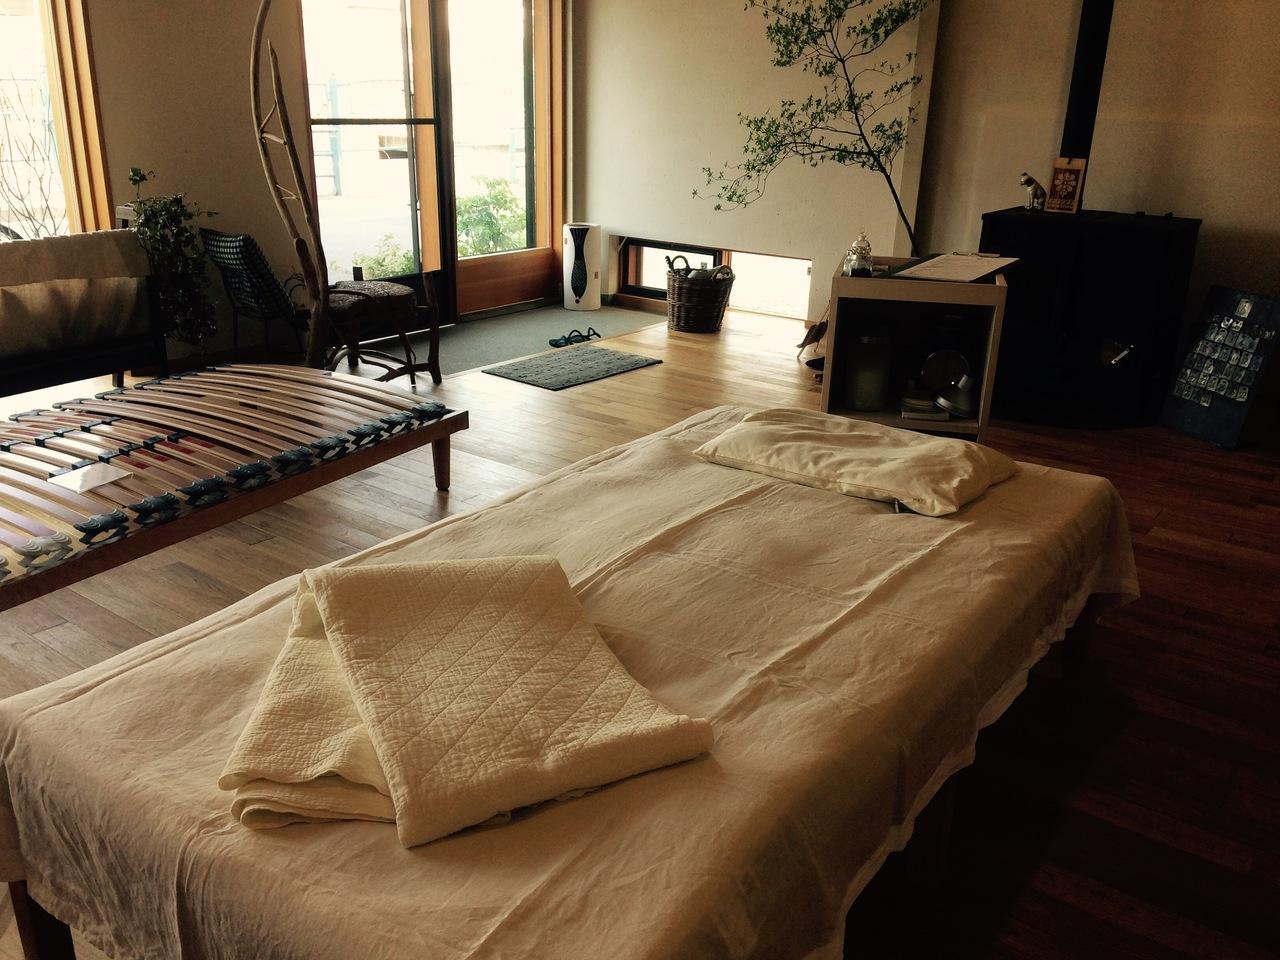 オーダー枕・敷きの寝具 試し寝と調整